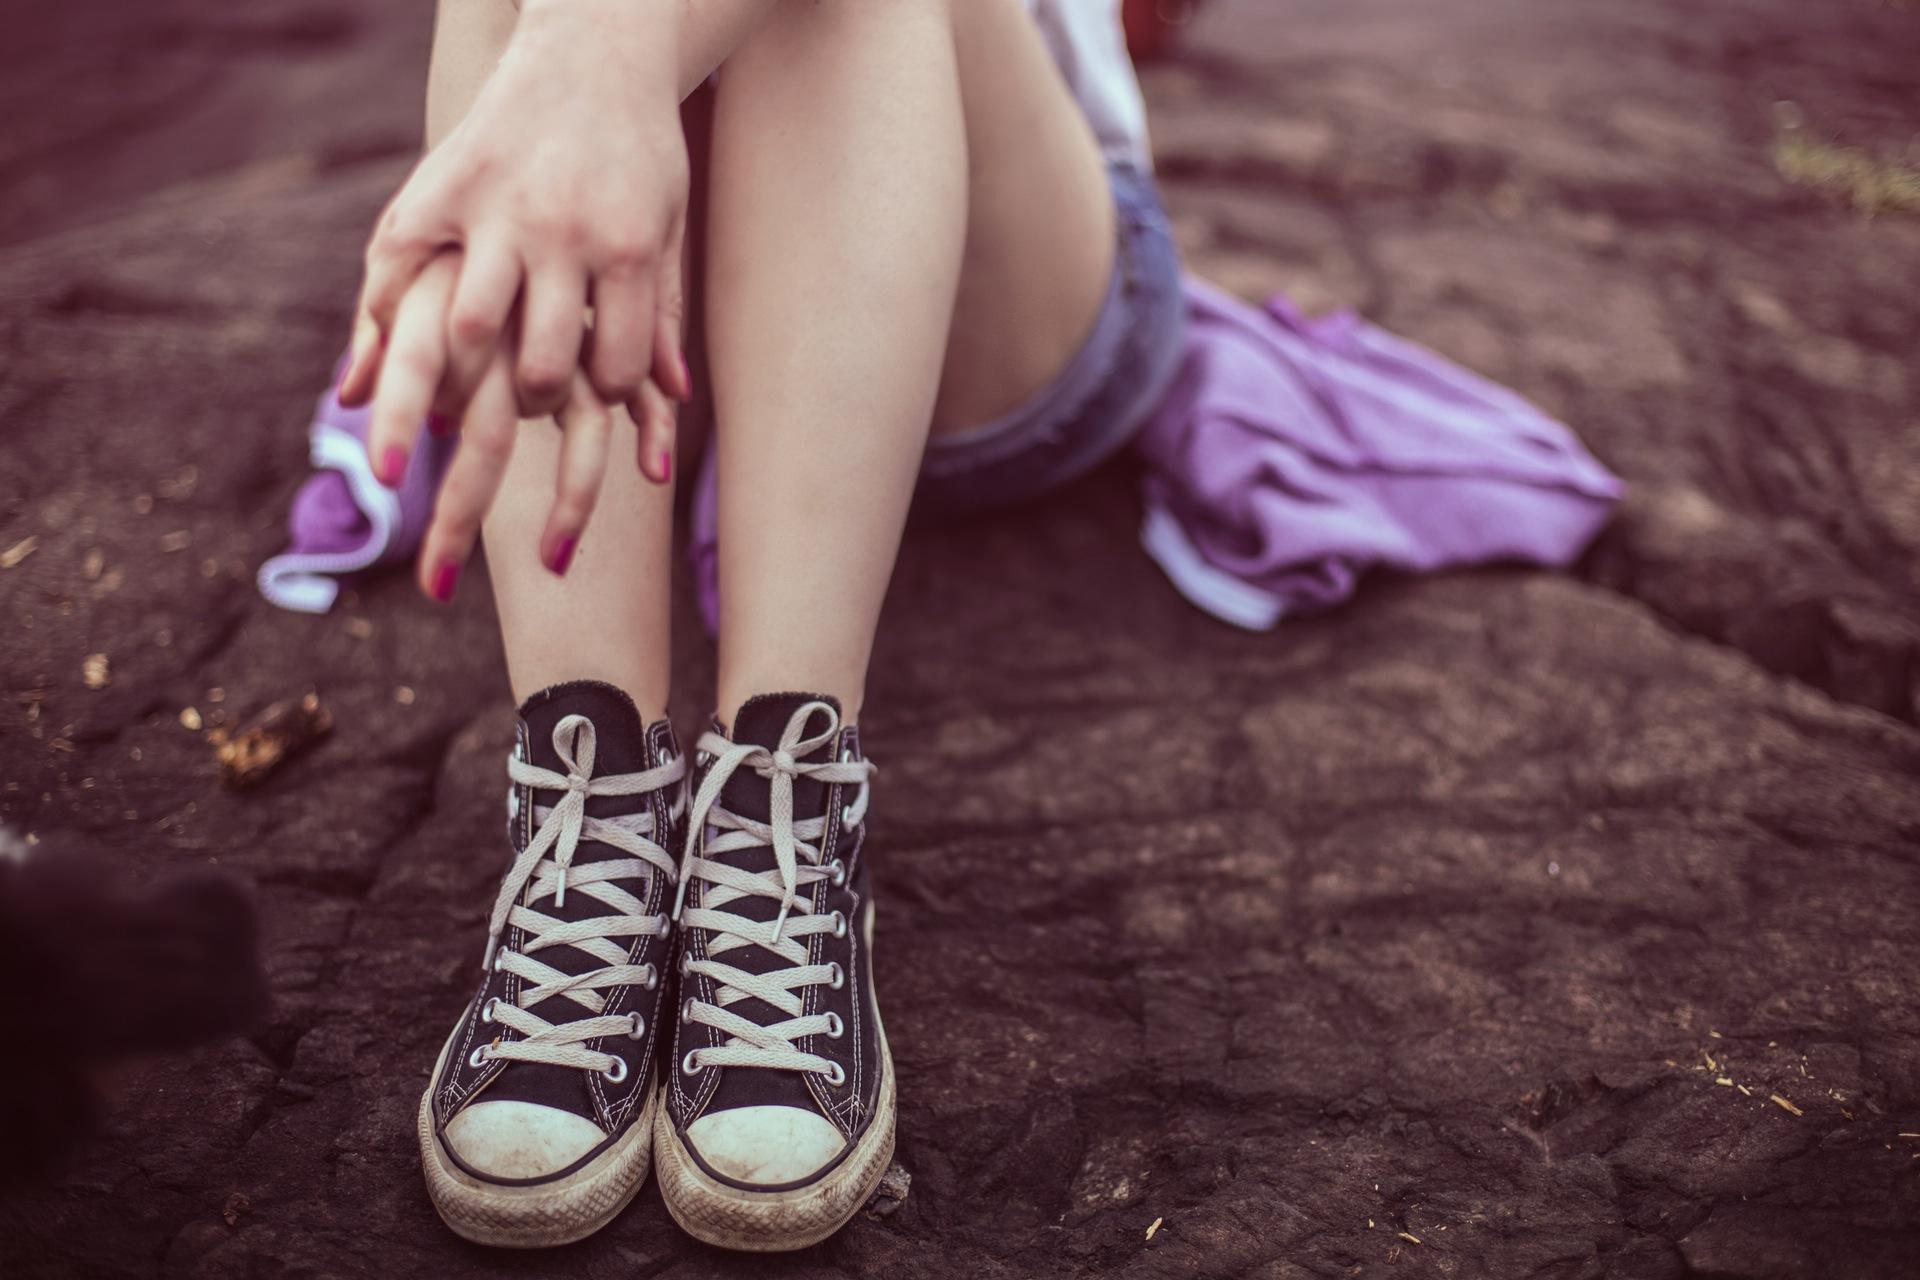 पैर, जूते, पोशाक, महिला, सेट करता है, बातचीत करना - HD वॉलपेपर - प्रोफेसर-falken.com